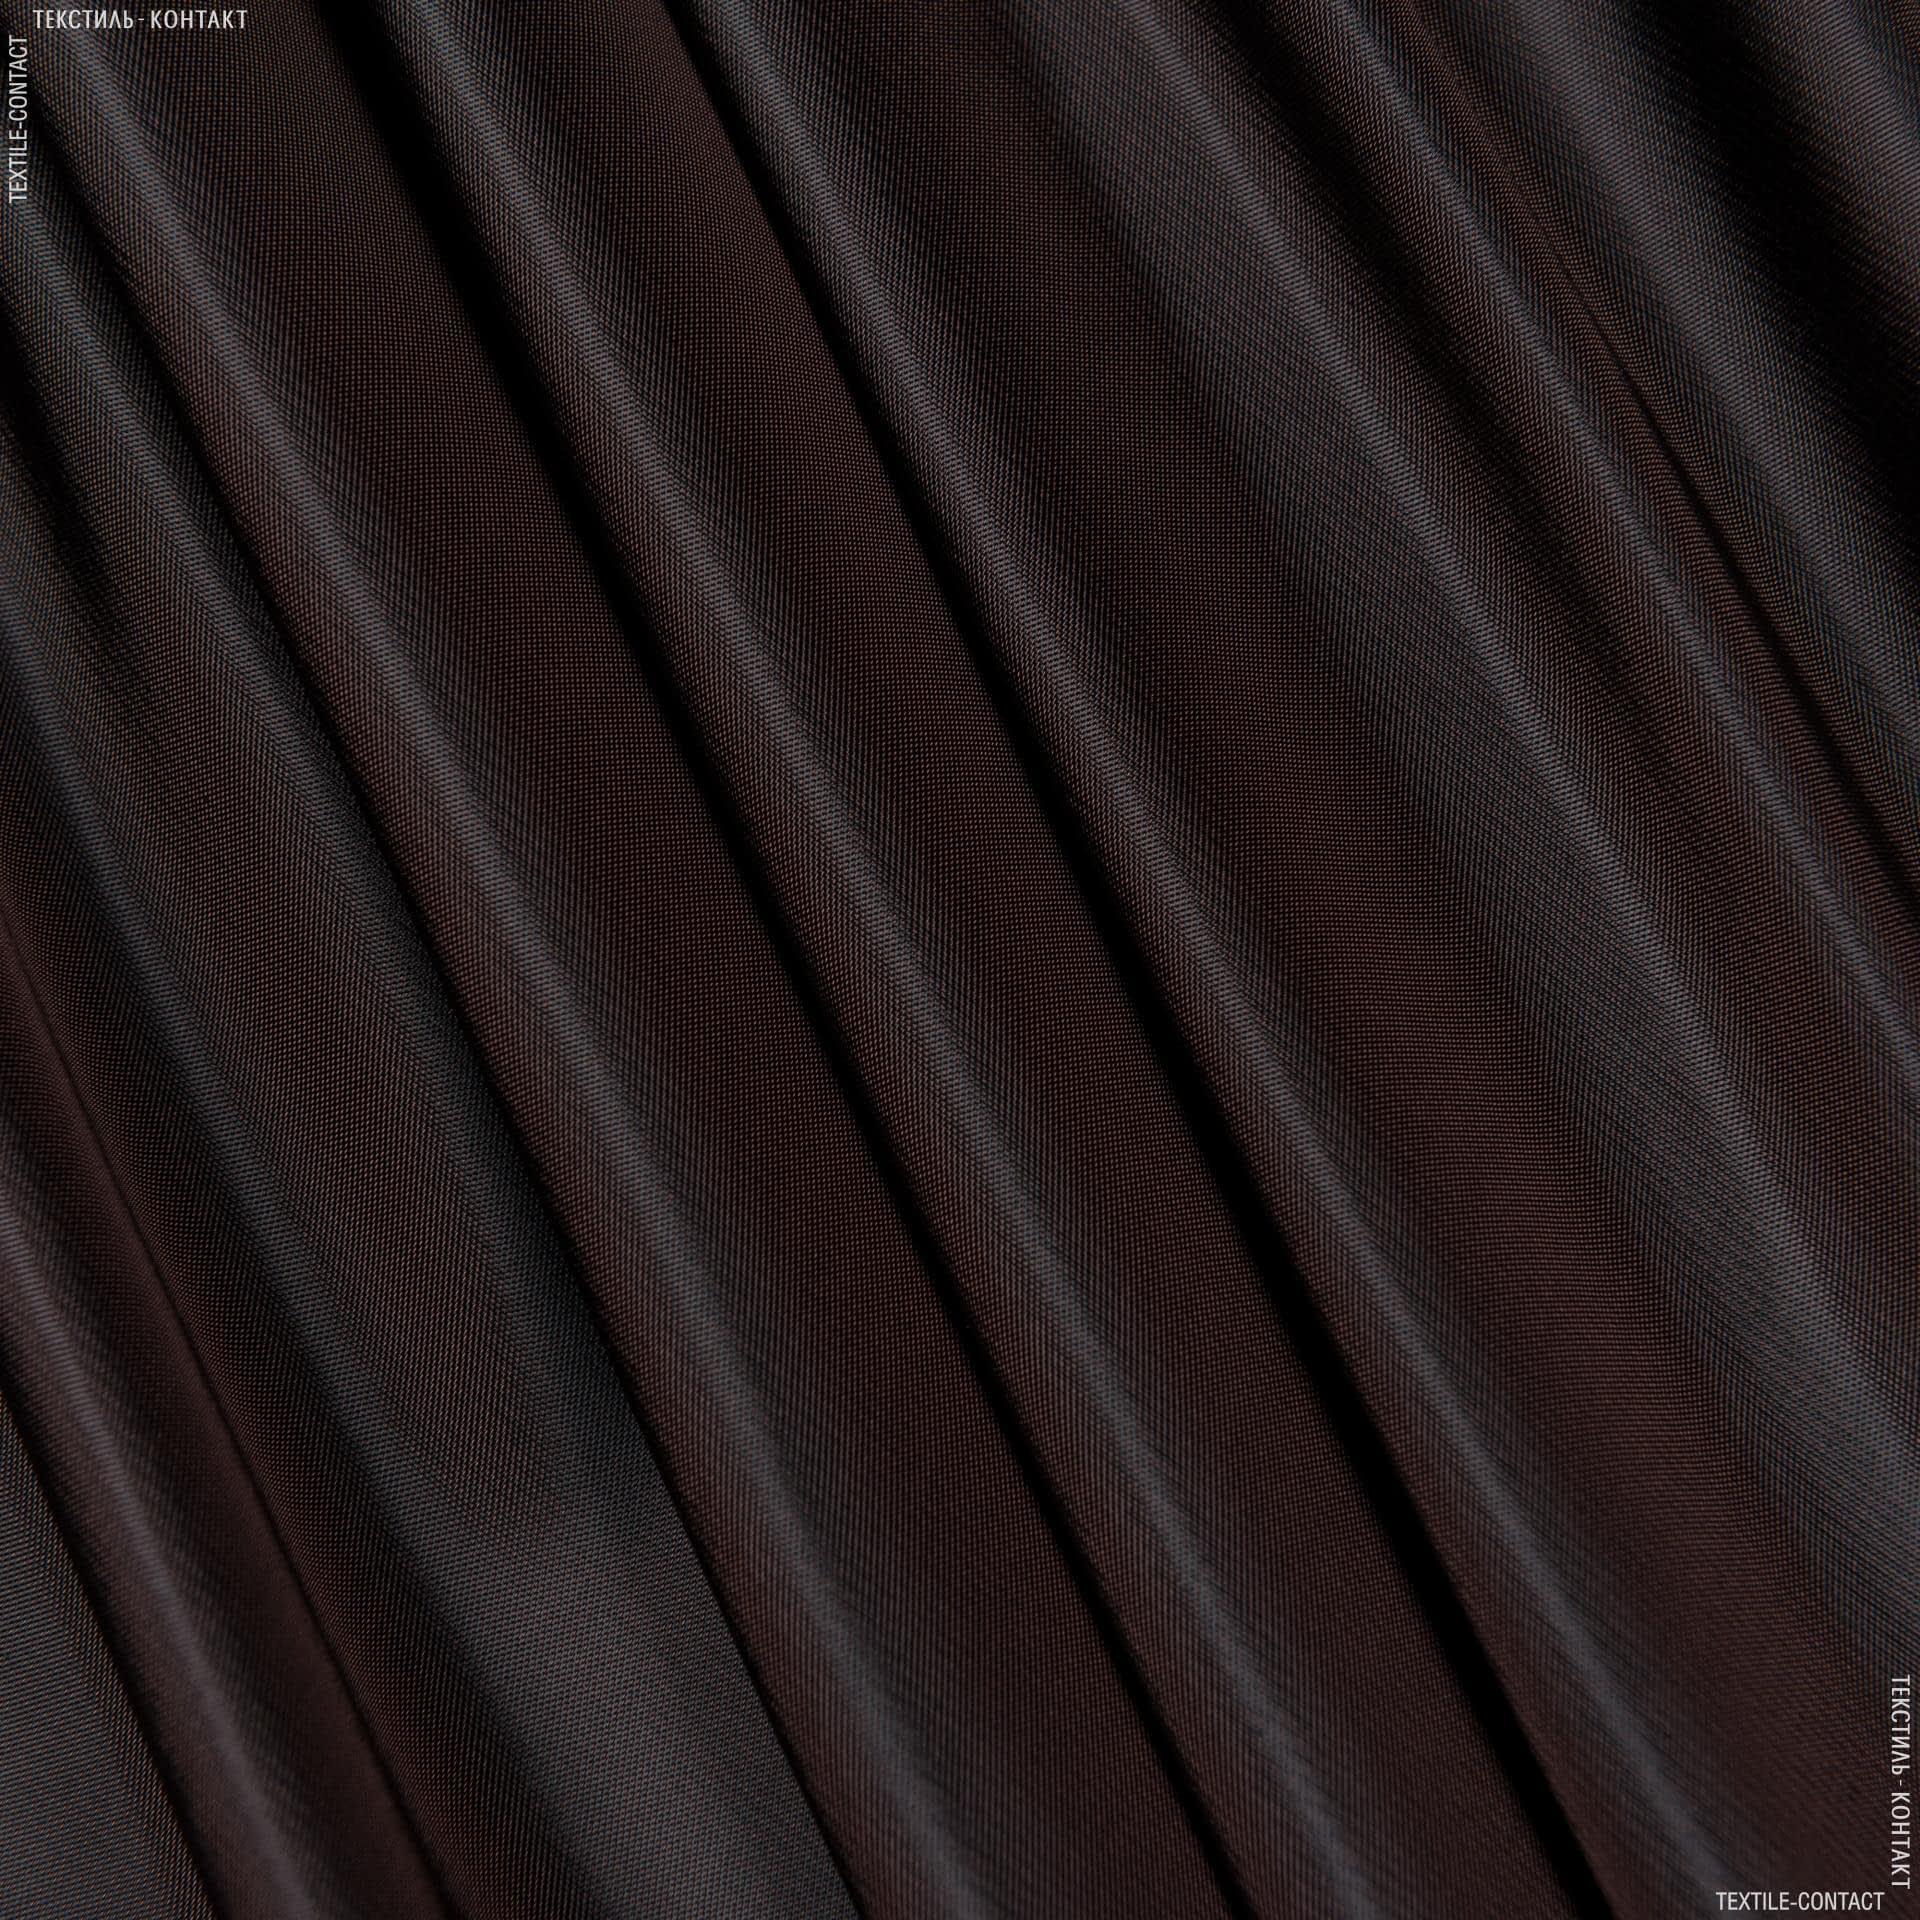 Тканини підкладкова тканина - Підкладковий атлас коричневий